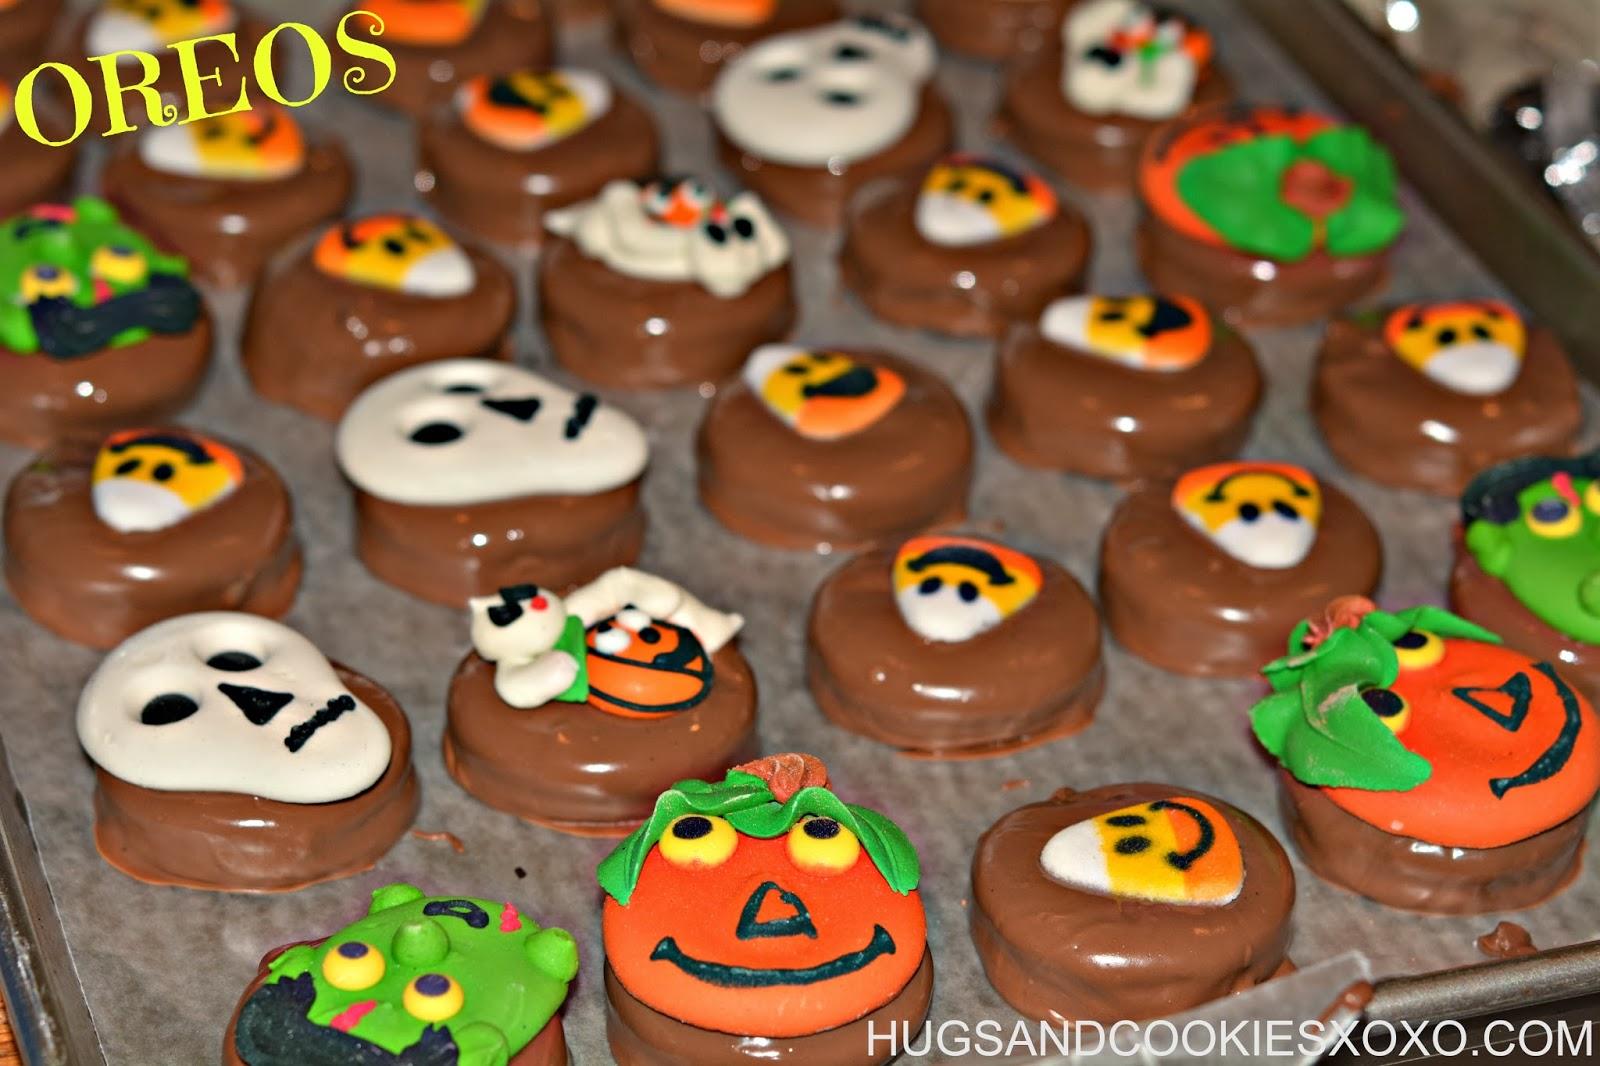 HALLOWEEN OREOS - Hugs and Cookies XOXO